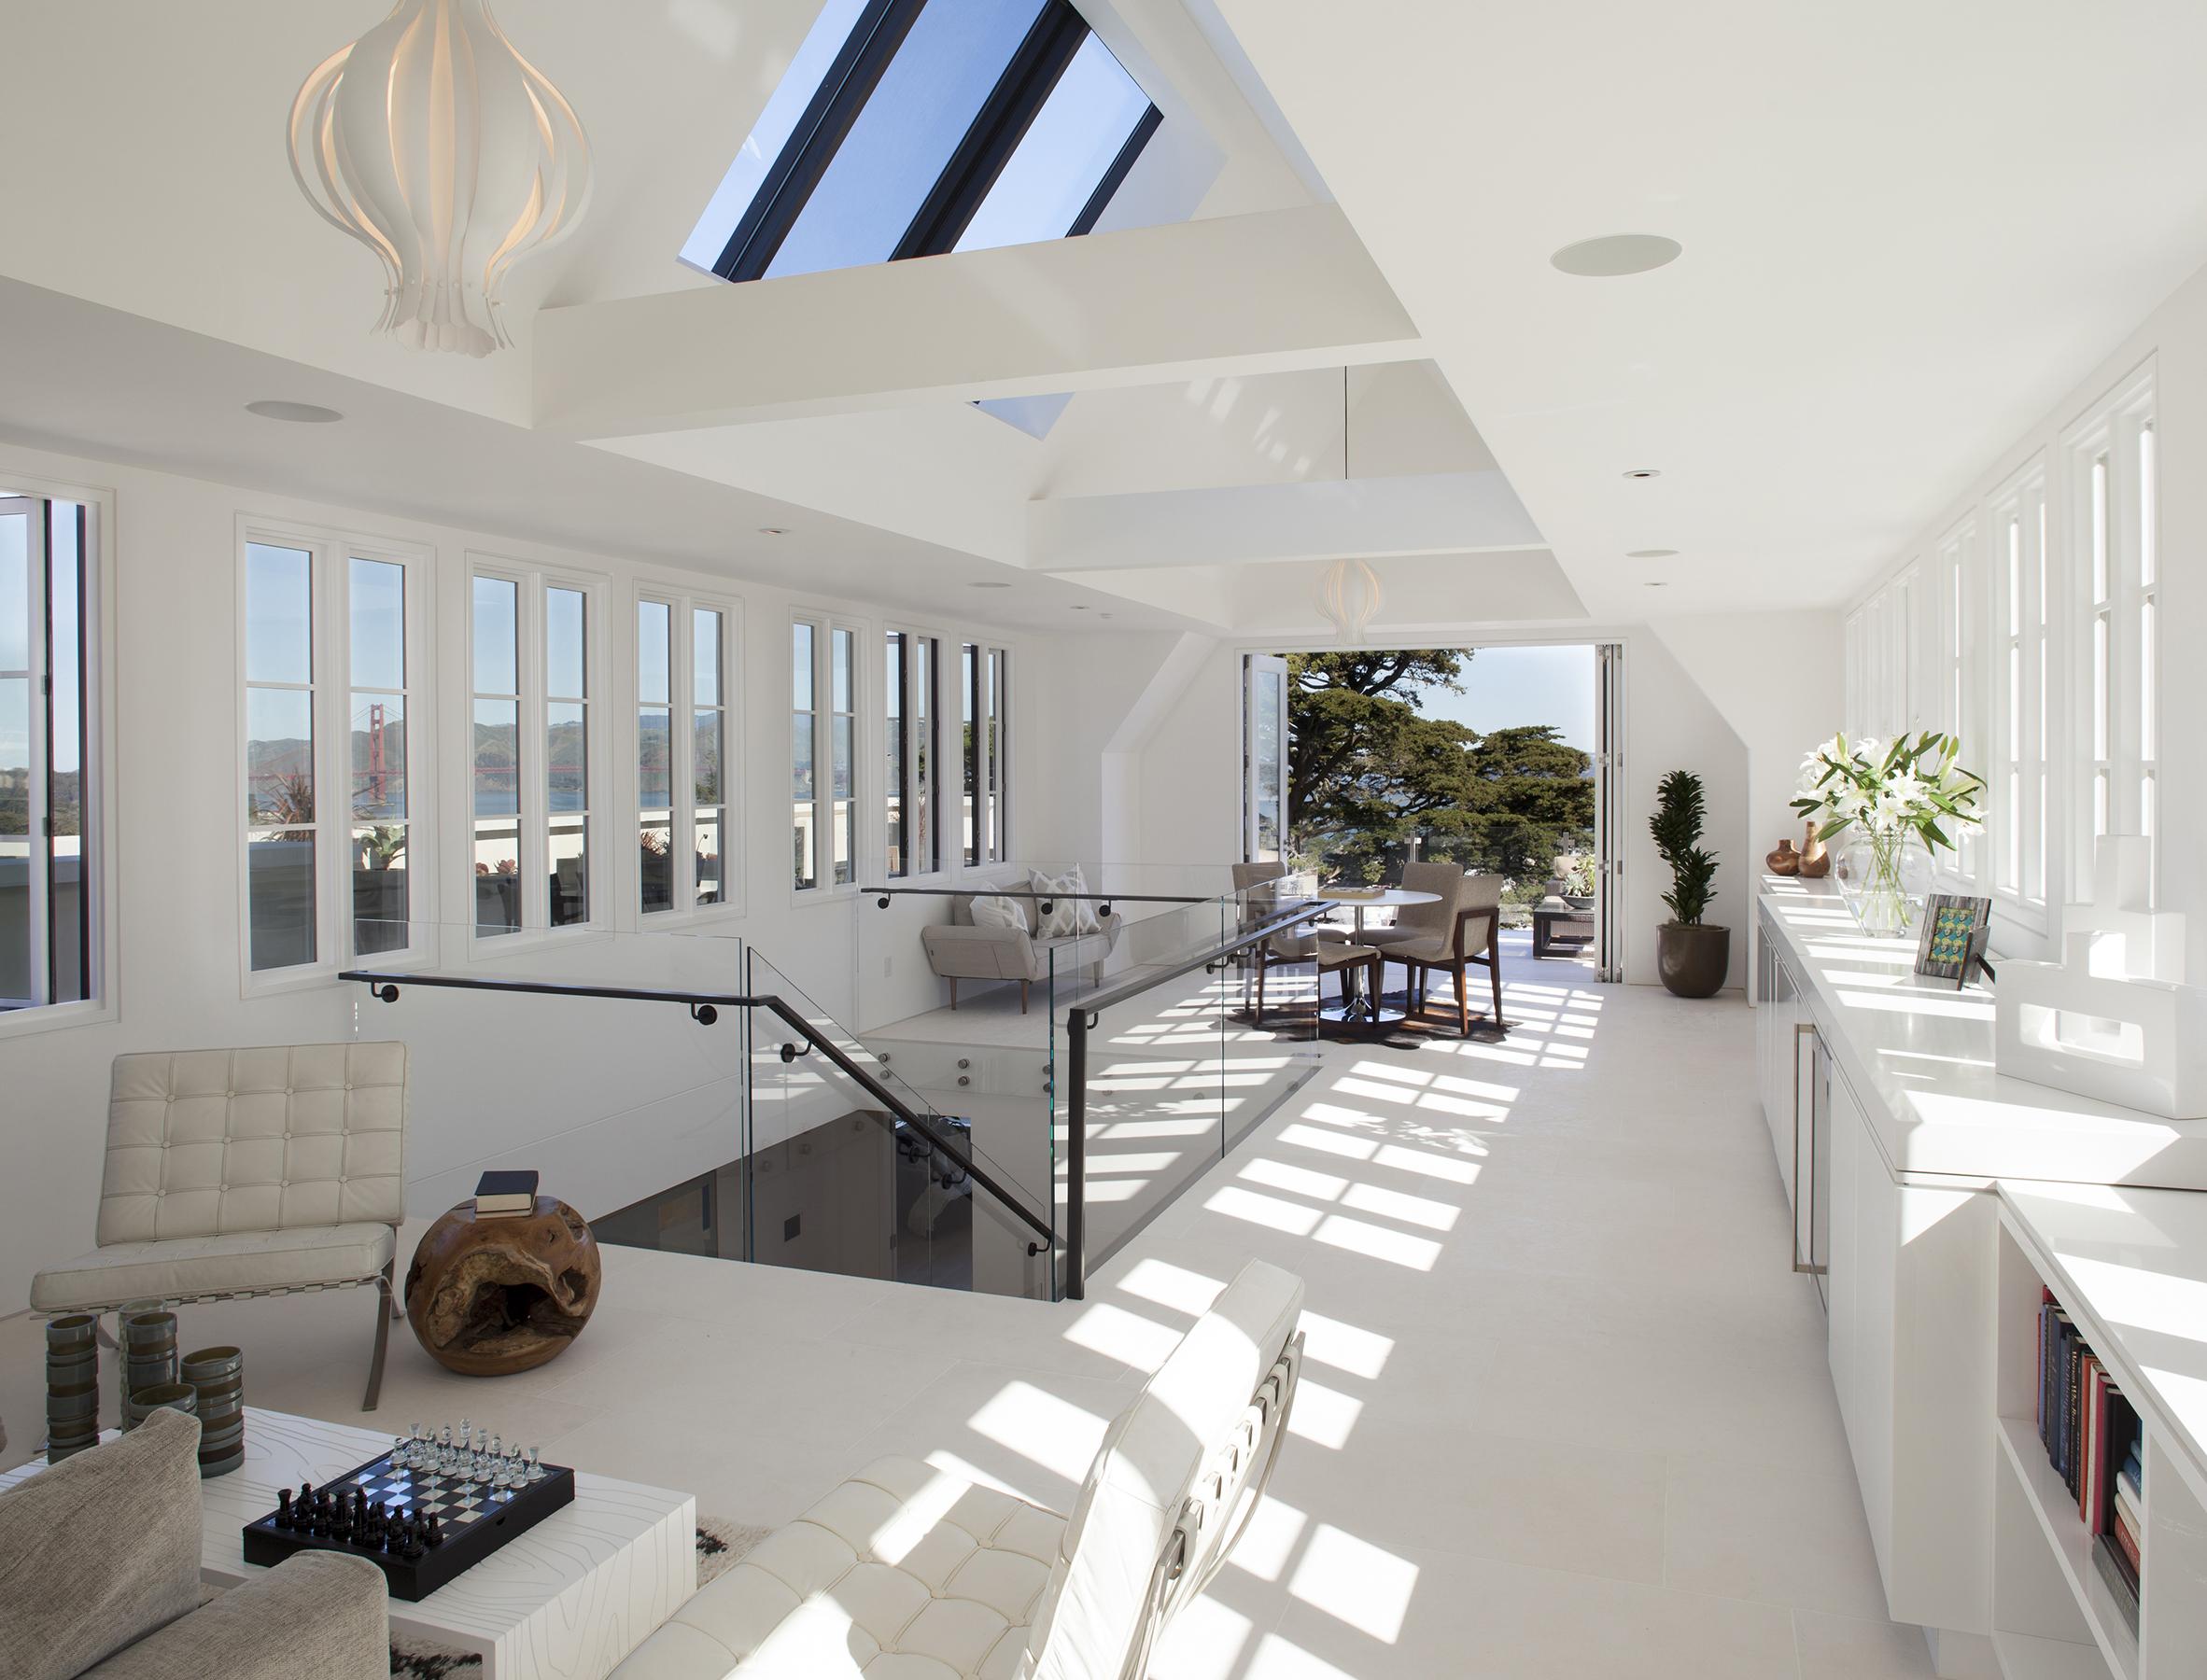 Residence 2750 upper level